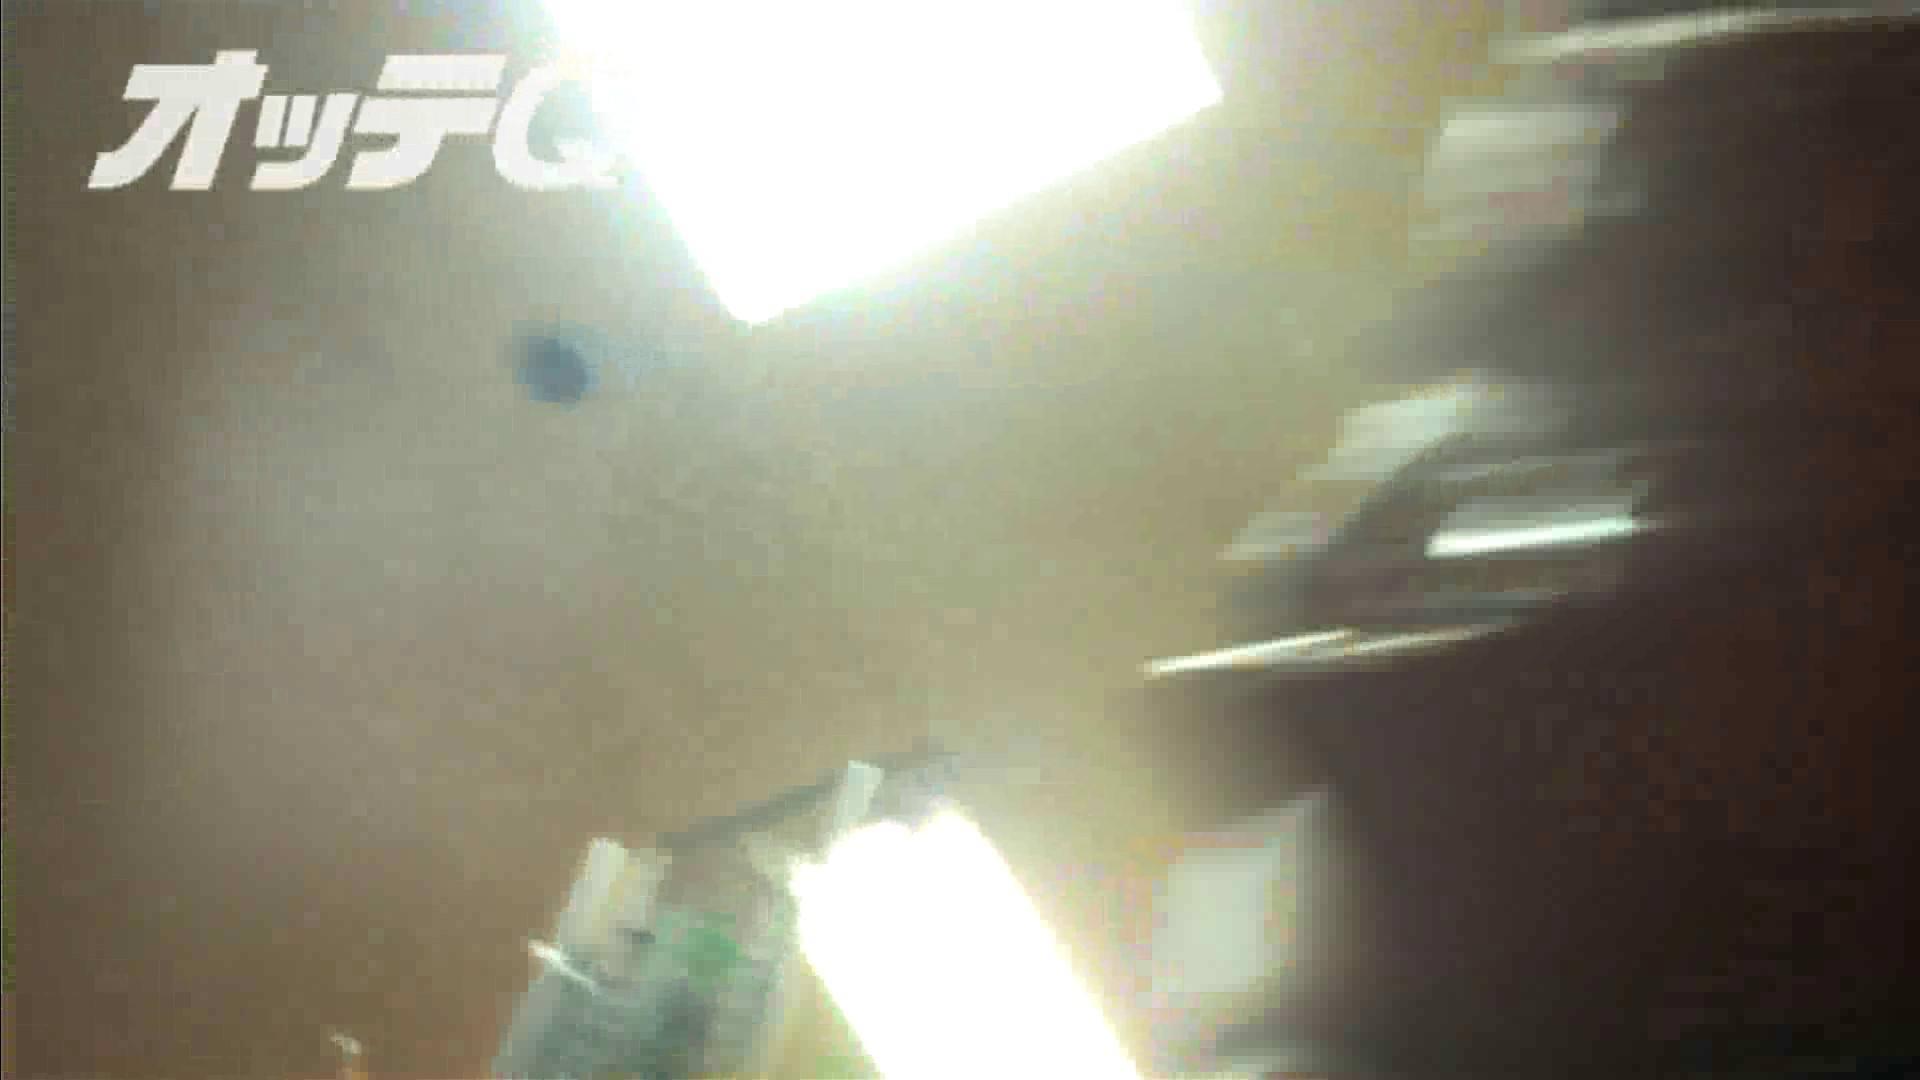 ハイビジョンパンチラ オッテQさんの追跡パンチラデパート編VOL.06 OL裸体 | チラ系  64画像 61